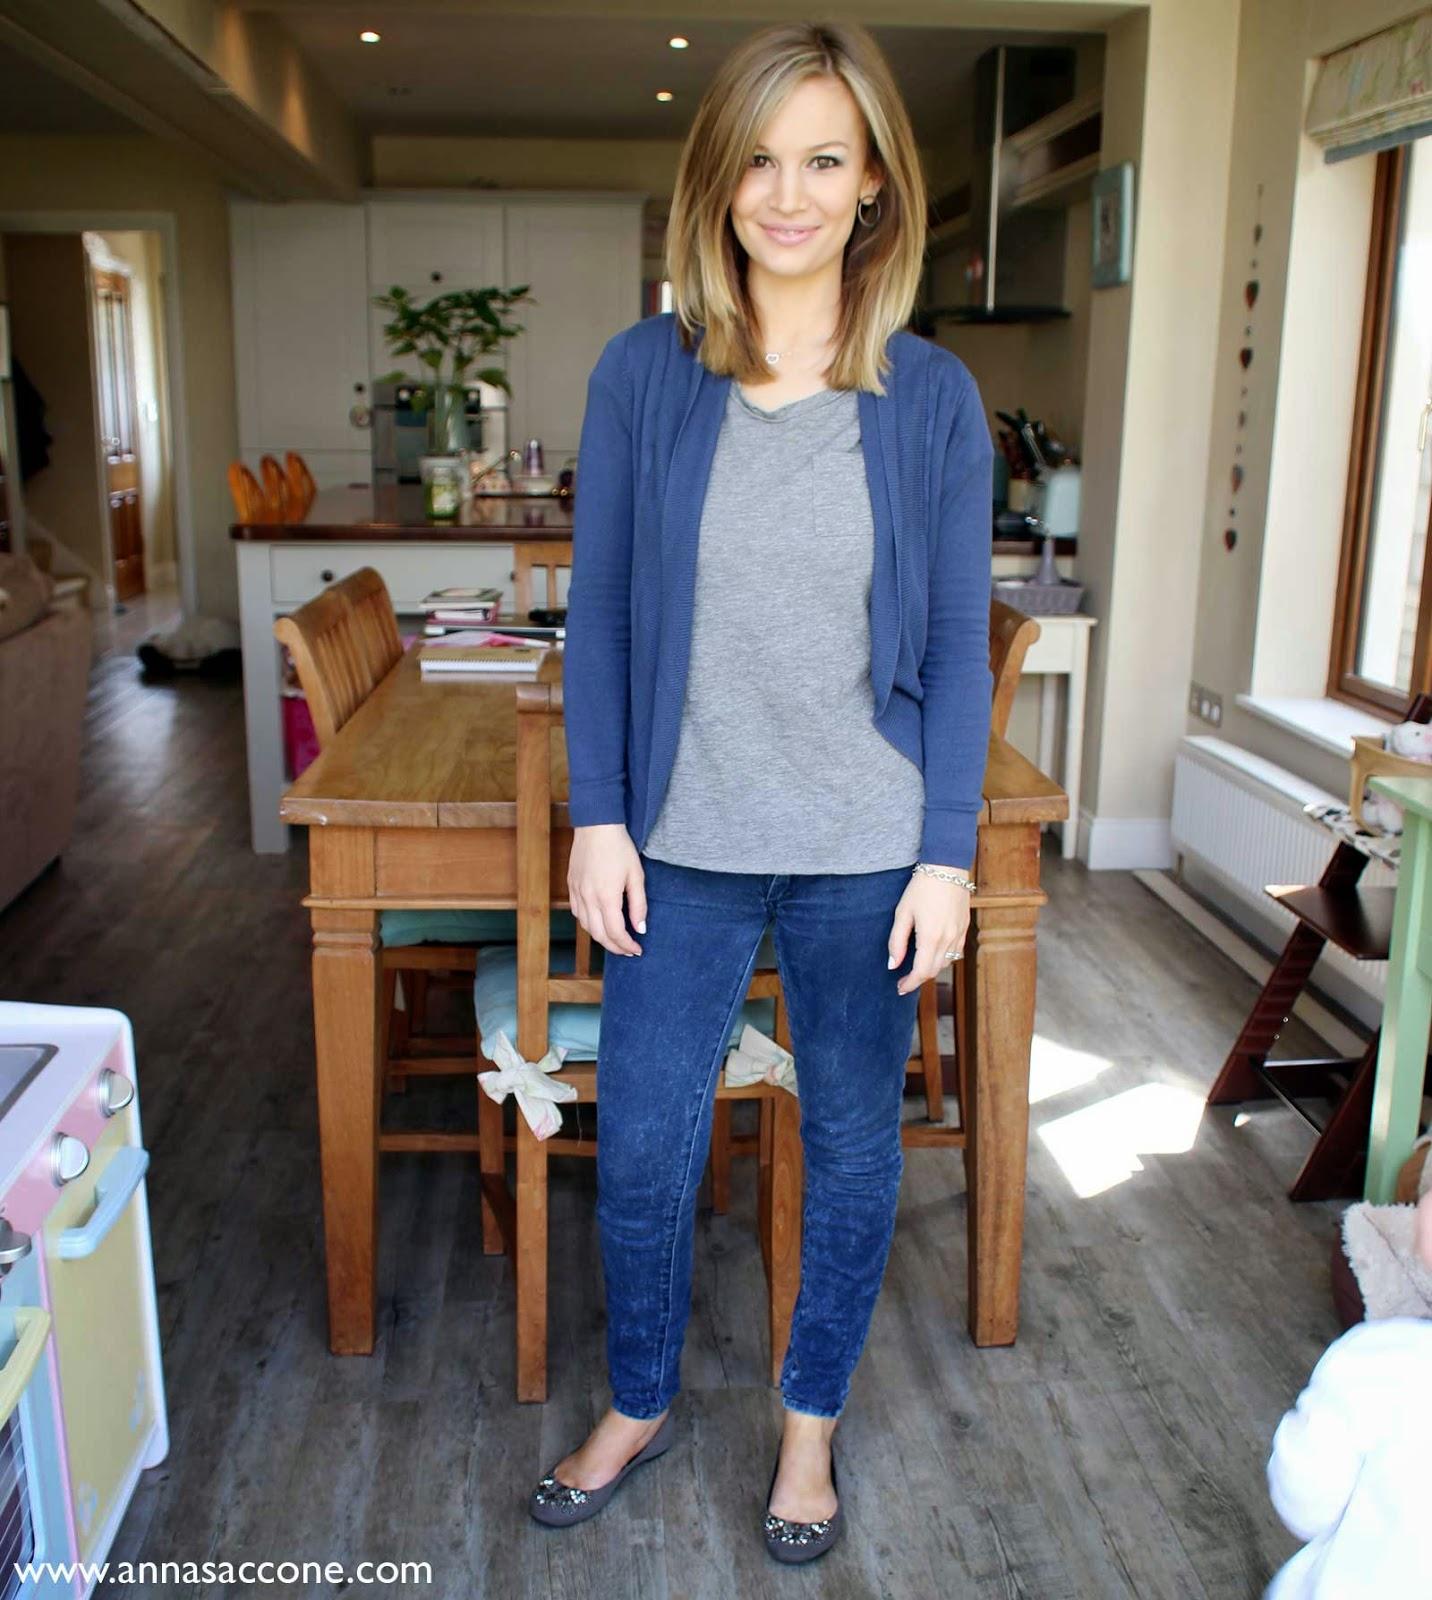 Fashion Friday Blue Amp Grey Anna Saccone Joly